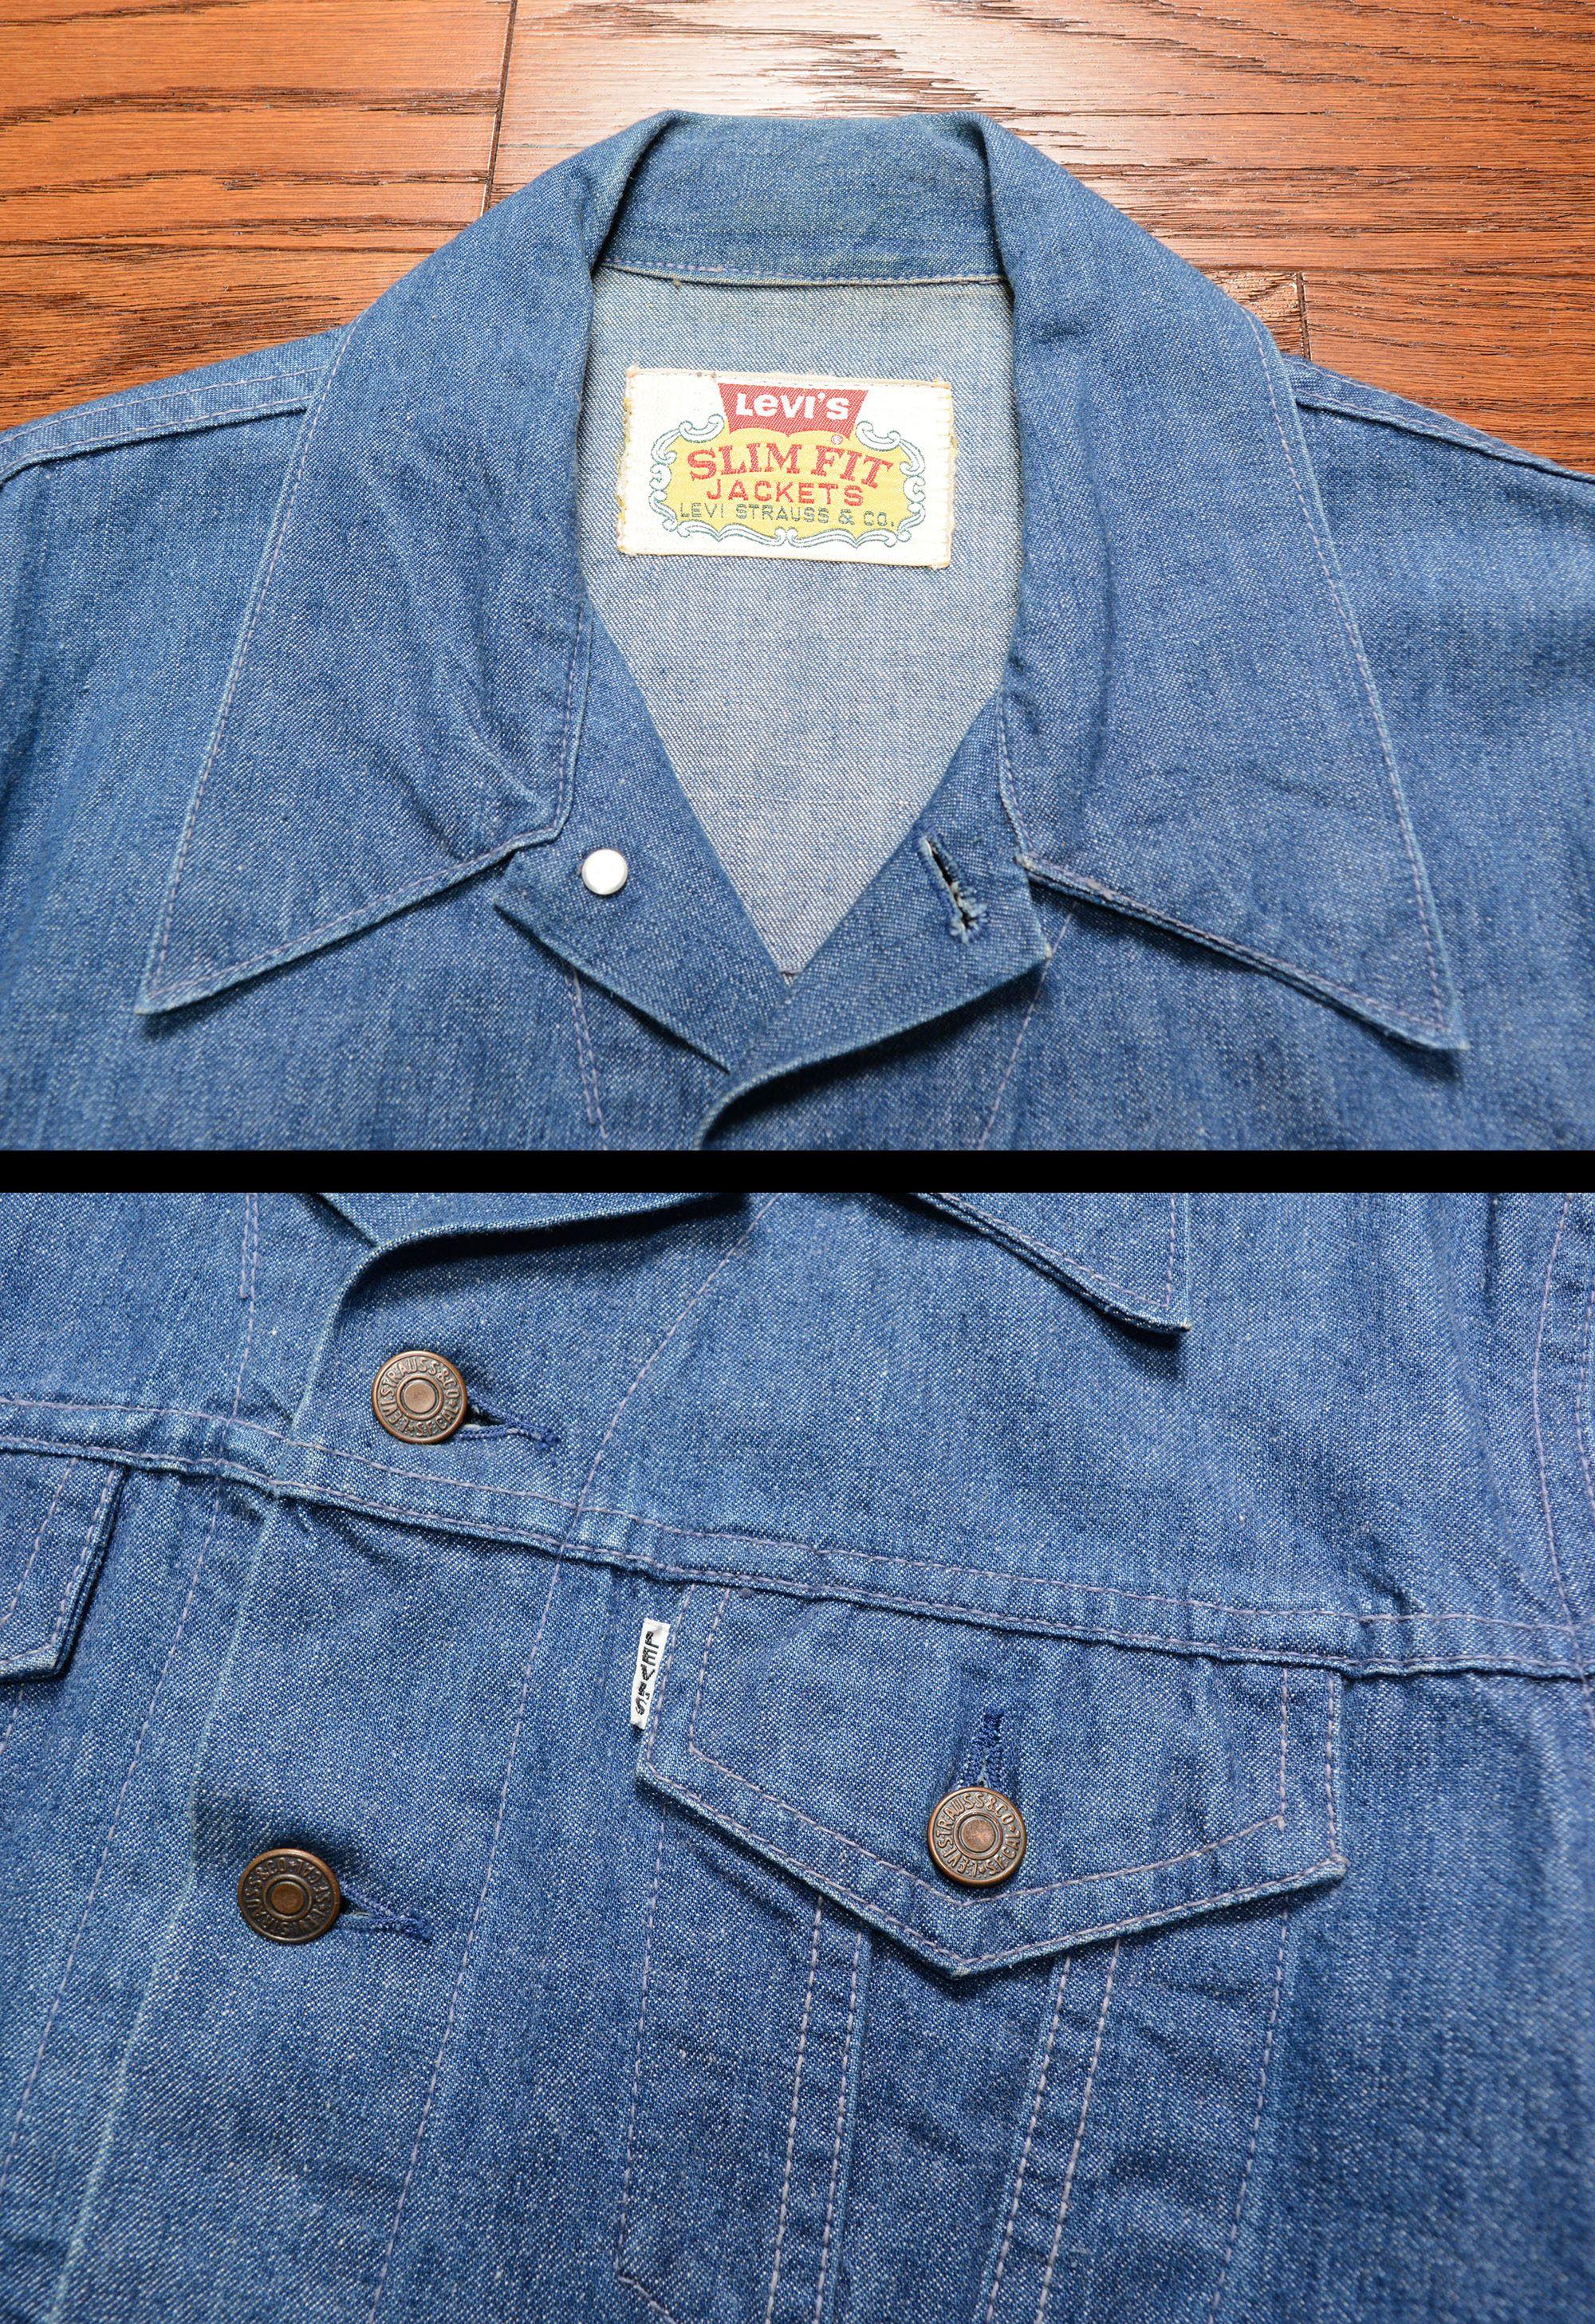 52a6e50cdd vintage Levis Big E denim jacket Slim Fit Jackets vintage 60s ...